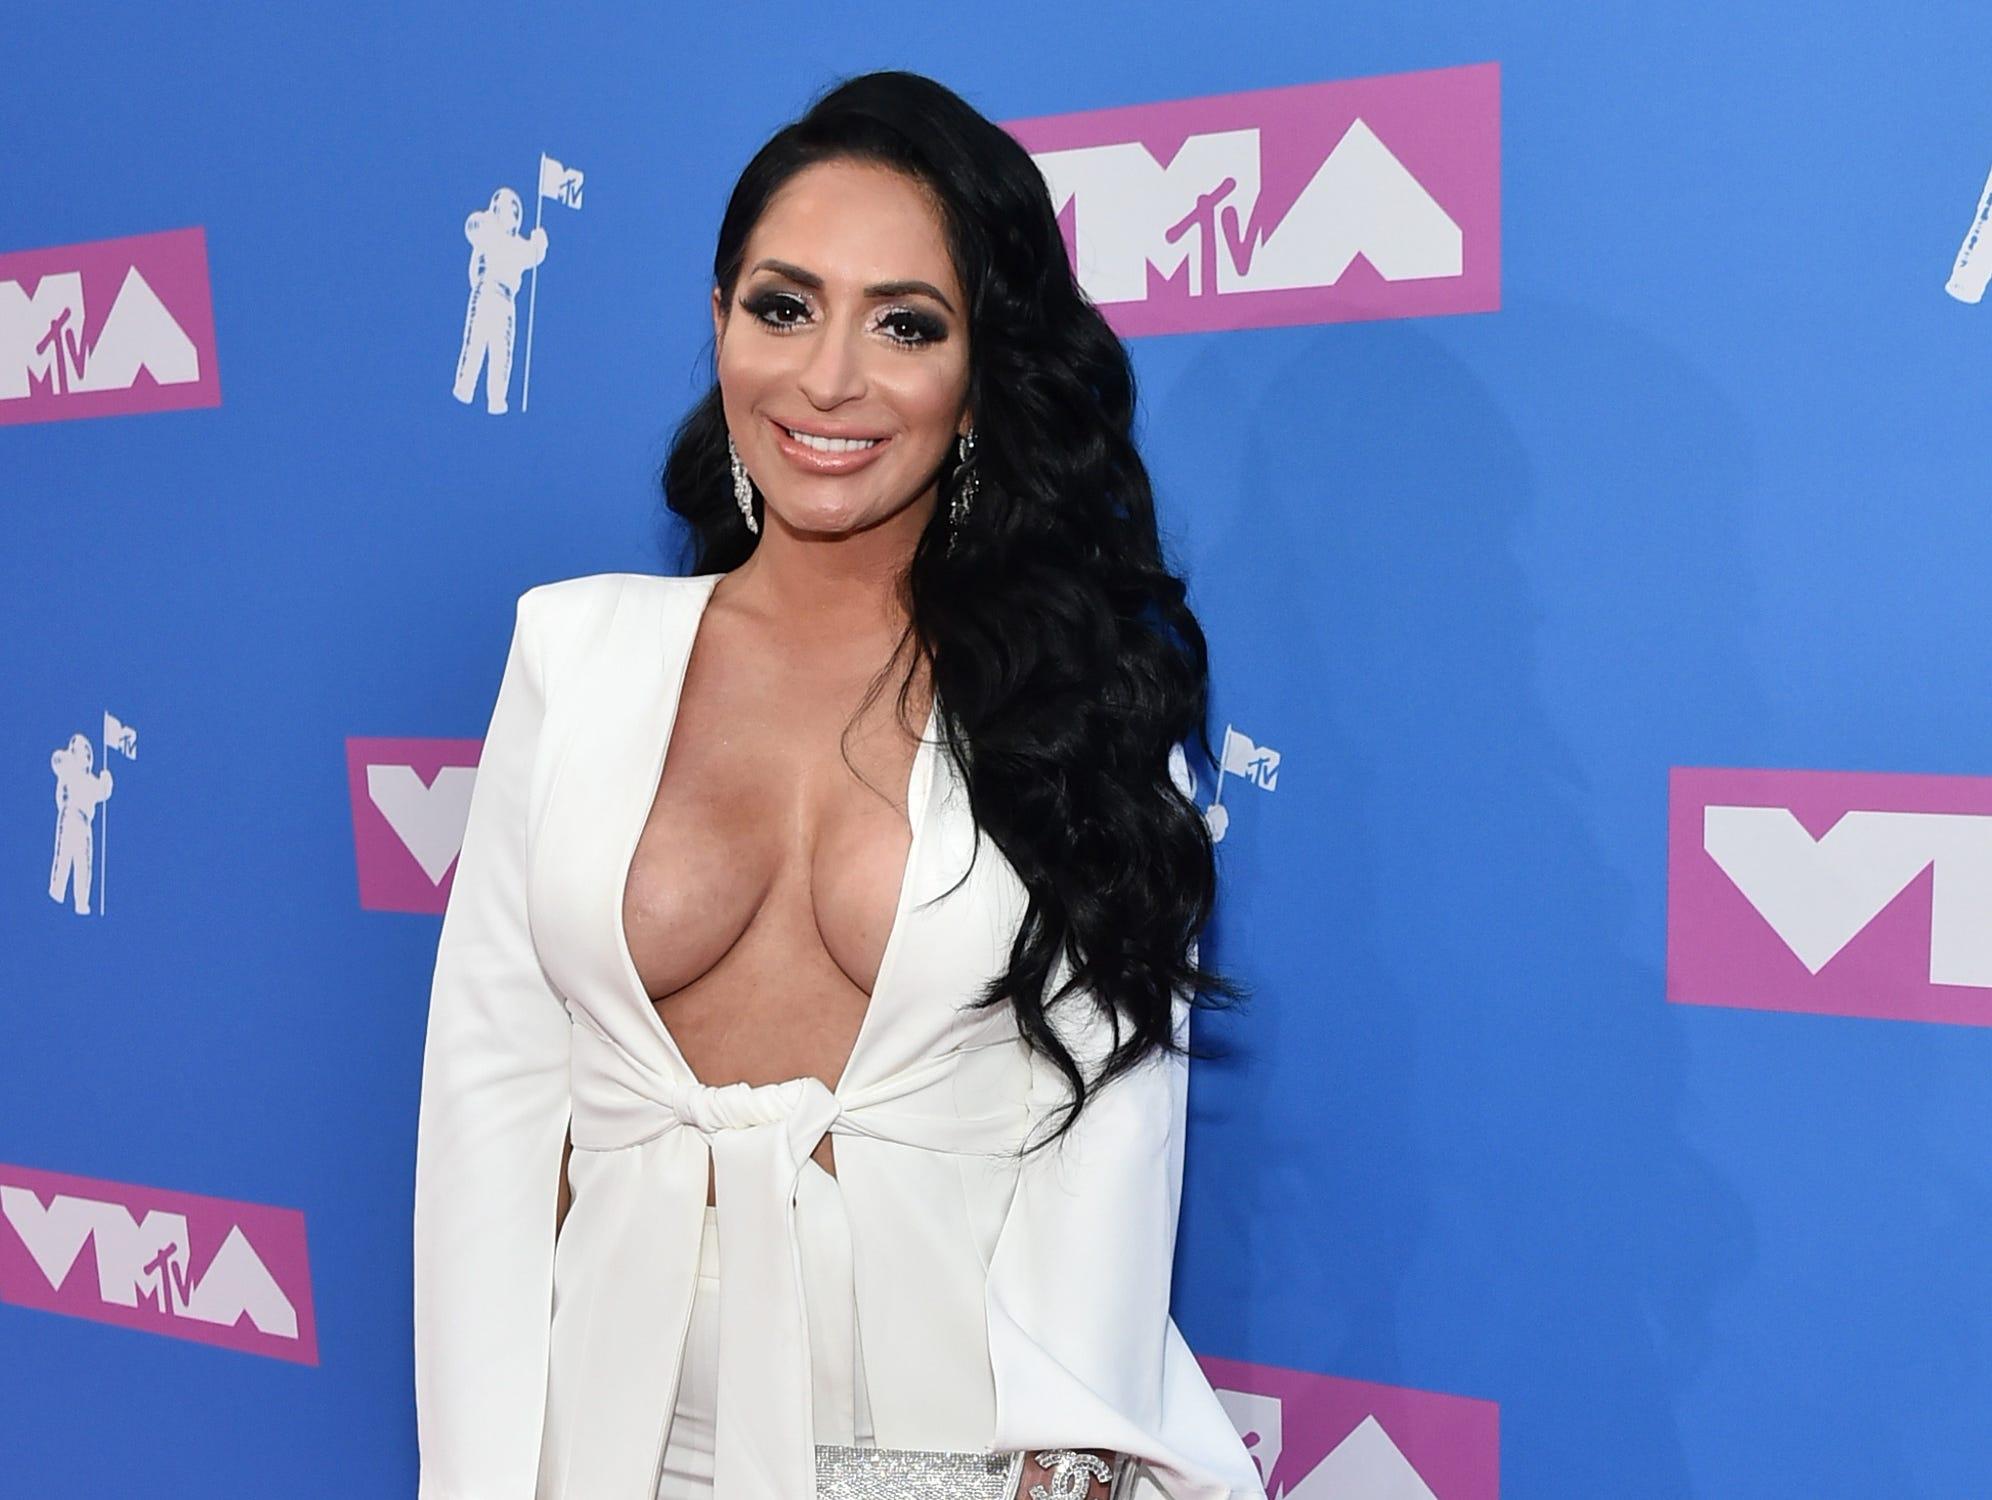 Angelina Pivarnick asiste a los MTV Video Music Awards 2018 en el Radio City Music Hall el 20 de agosto de 2018 en la ciudad de Nueva York.